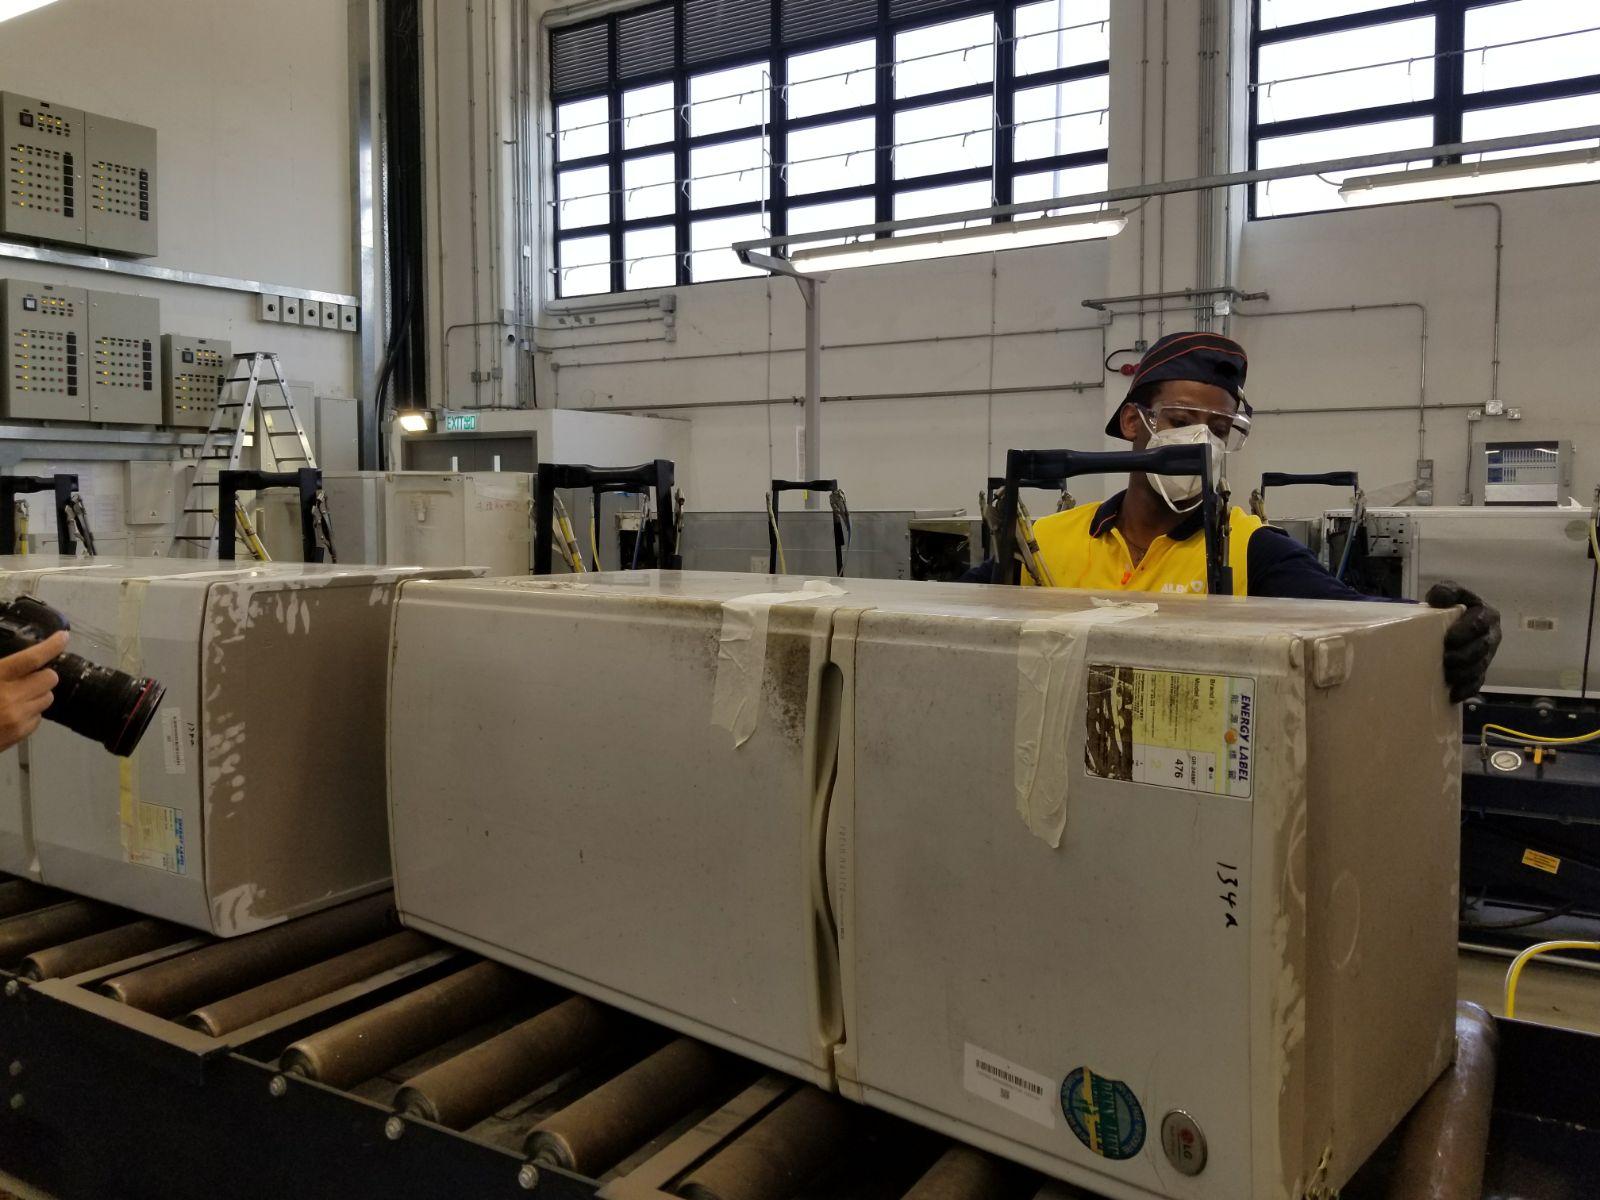 歐陸保預計首年處理量為6000公噸廢電器及電子產品。